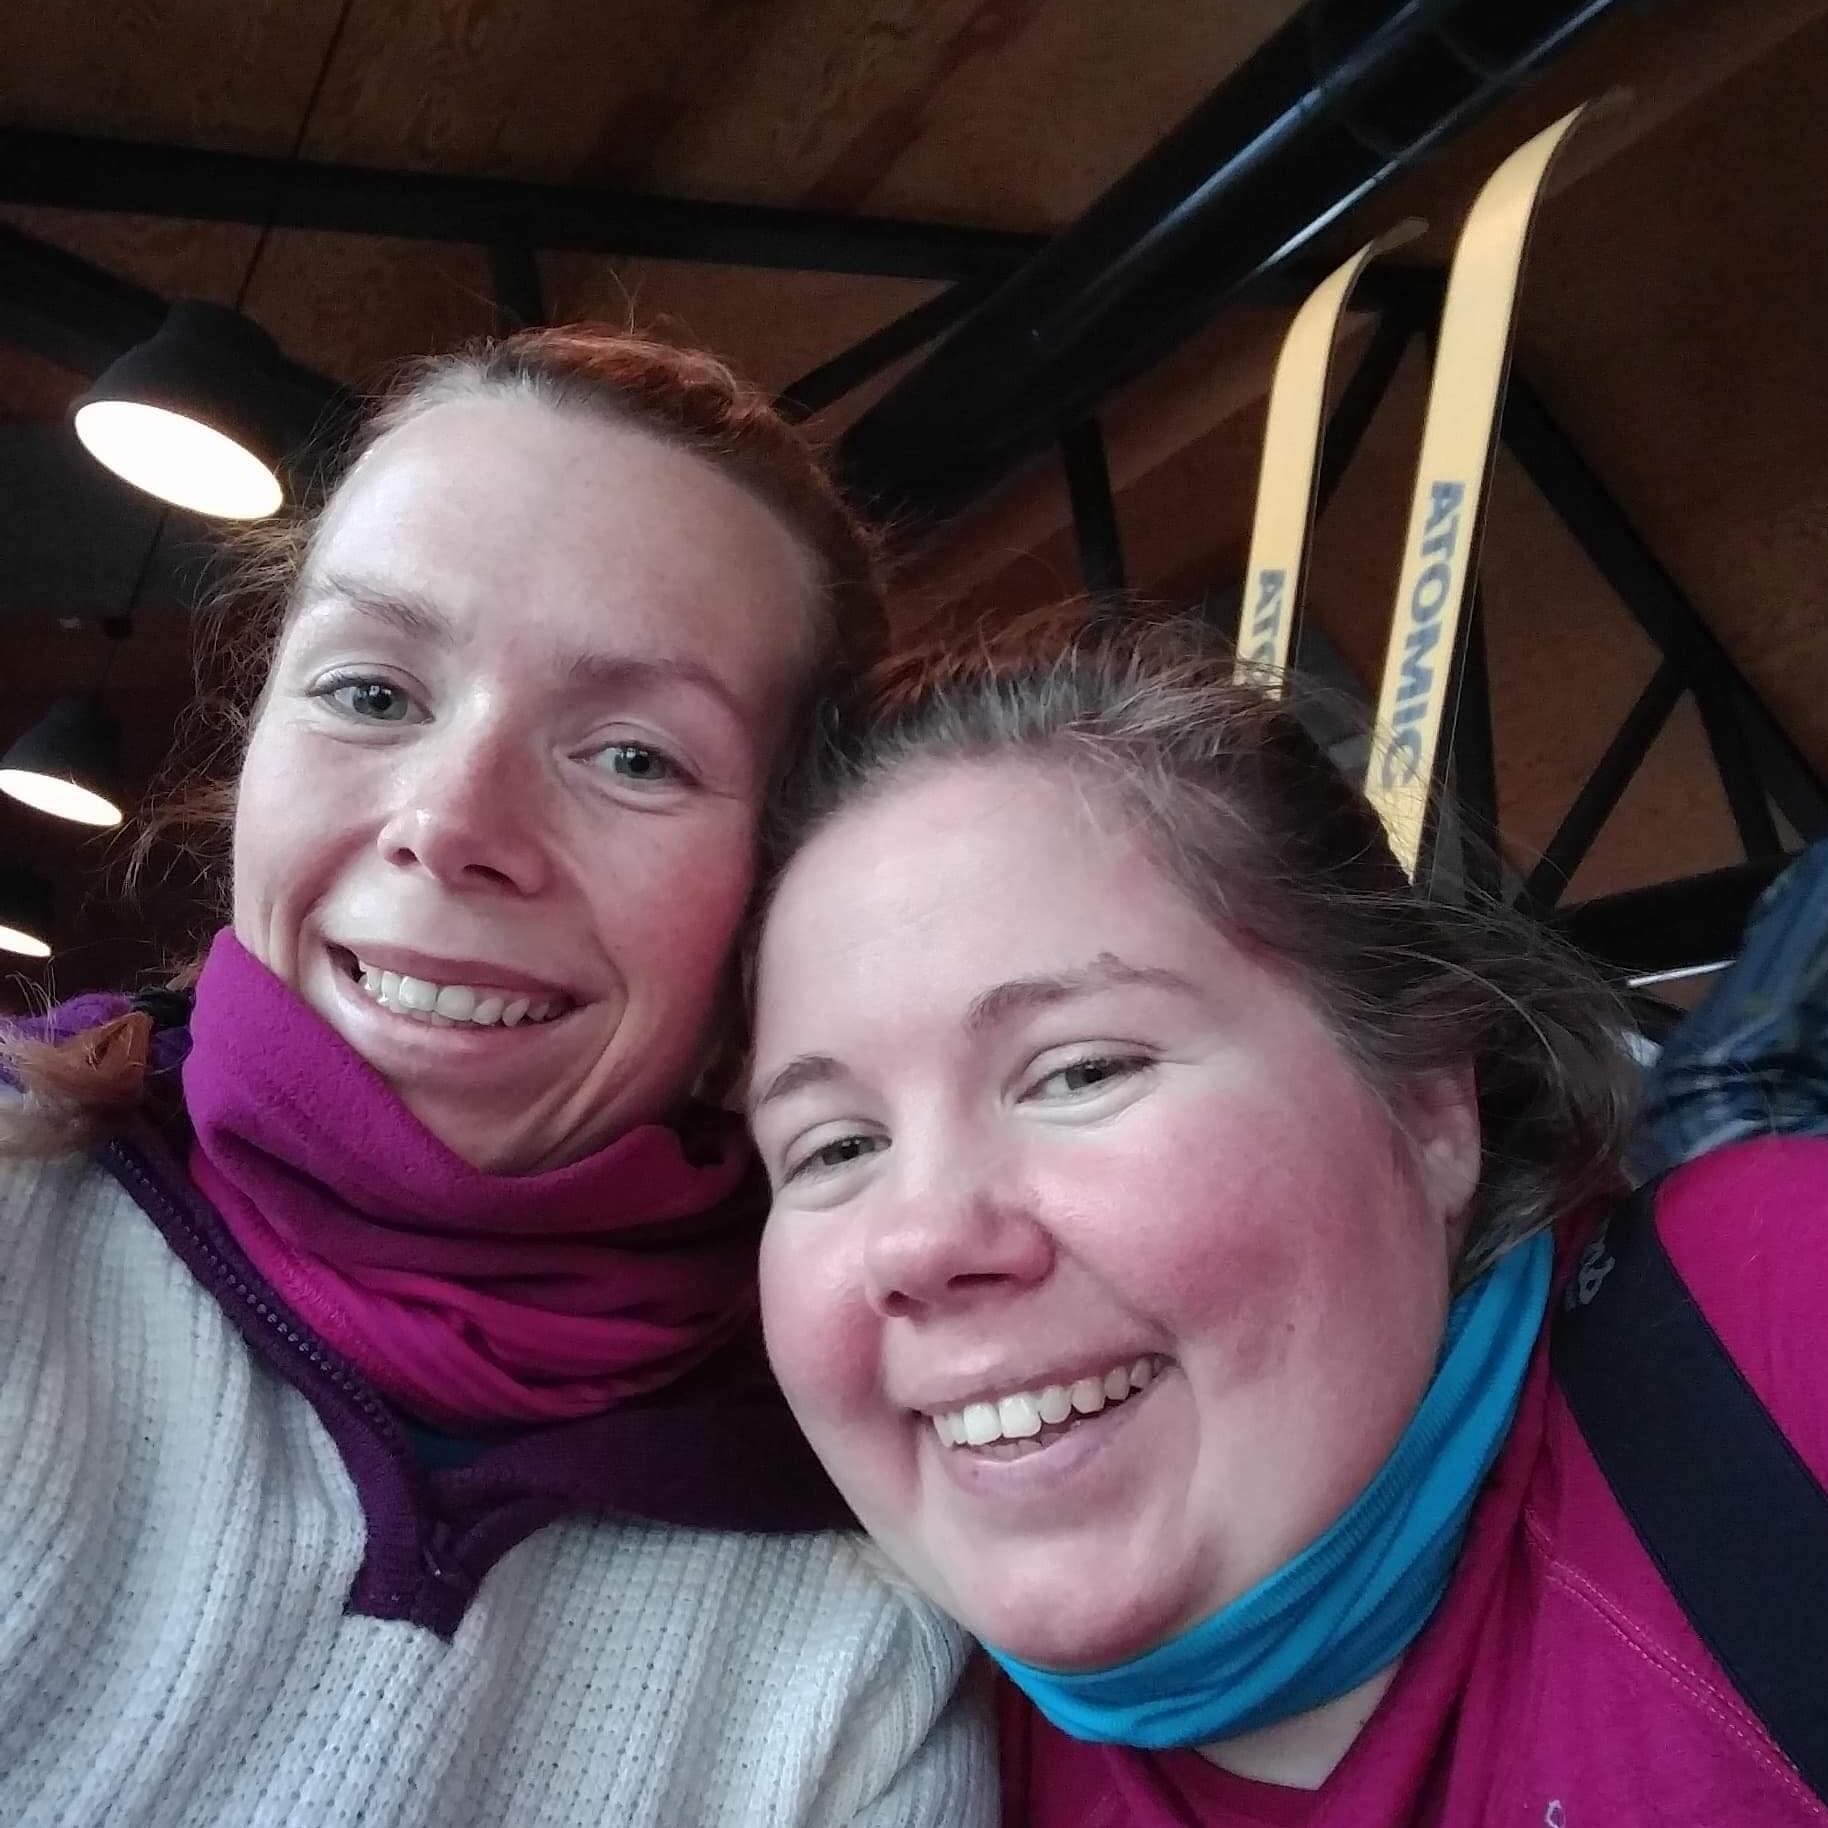 Selfie av to Lin og Lena i ullklær. I bakgrunnen ser vi et tretak og to skitupper som stikker opp.